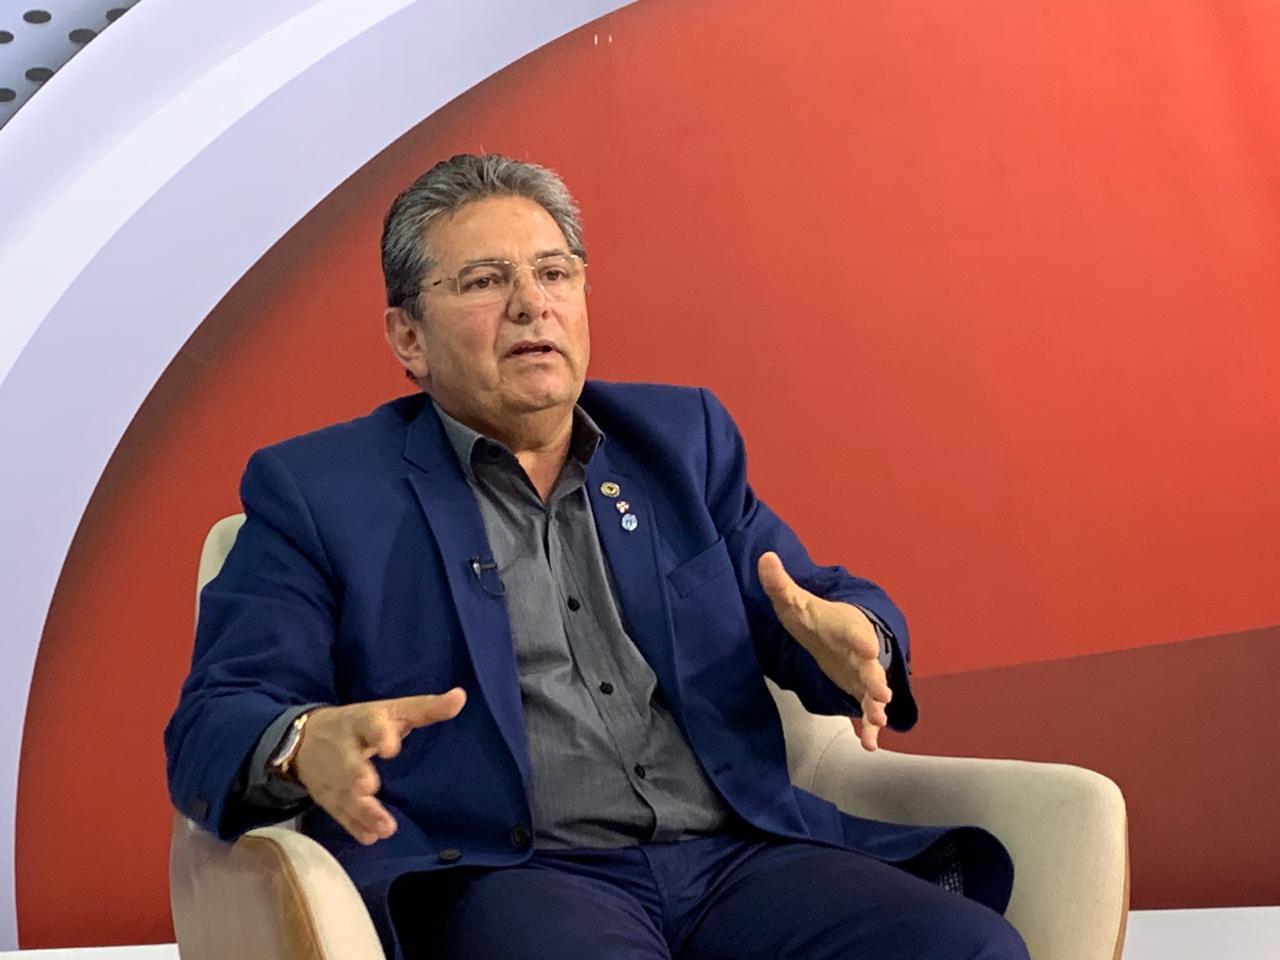 Adriano Galdino Frente a Frente Polêmica - 'MEU COMPROMISSO É COM A TRANSPARÊNCIA': Adriano Galdino anuncia ponto eletrônico para deputados e demais servidores da ALPB; VEJA VÍDEOS